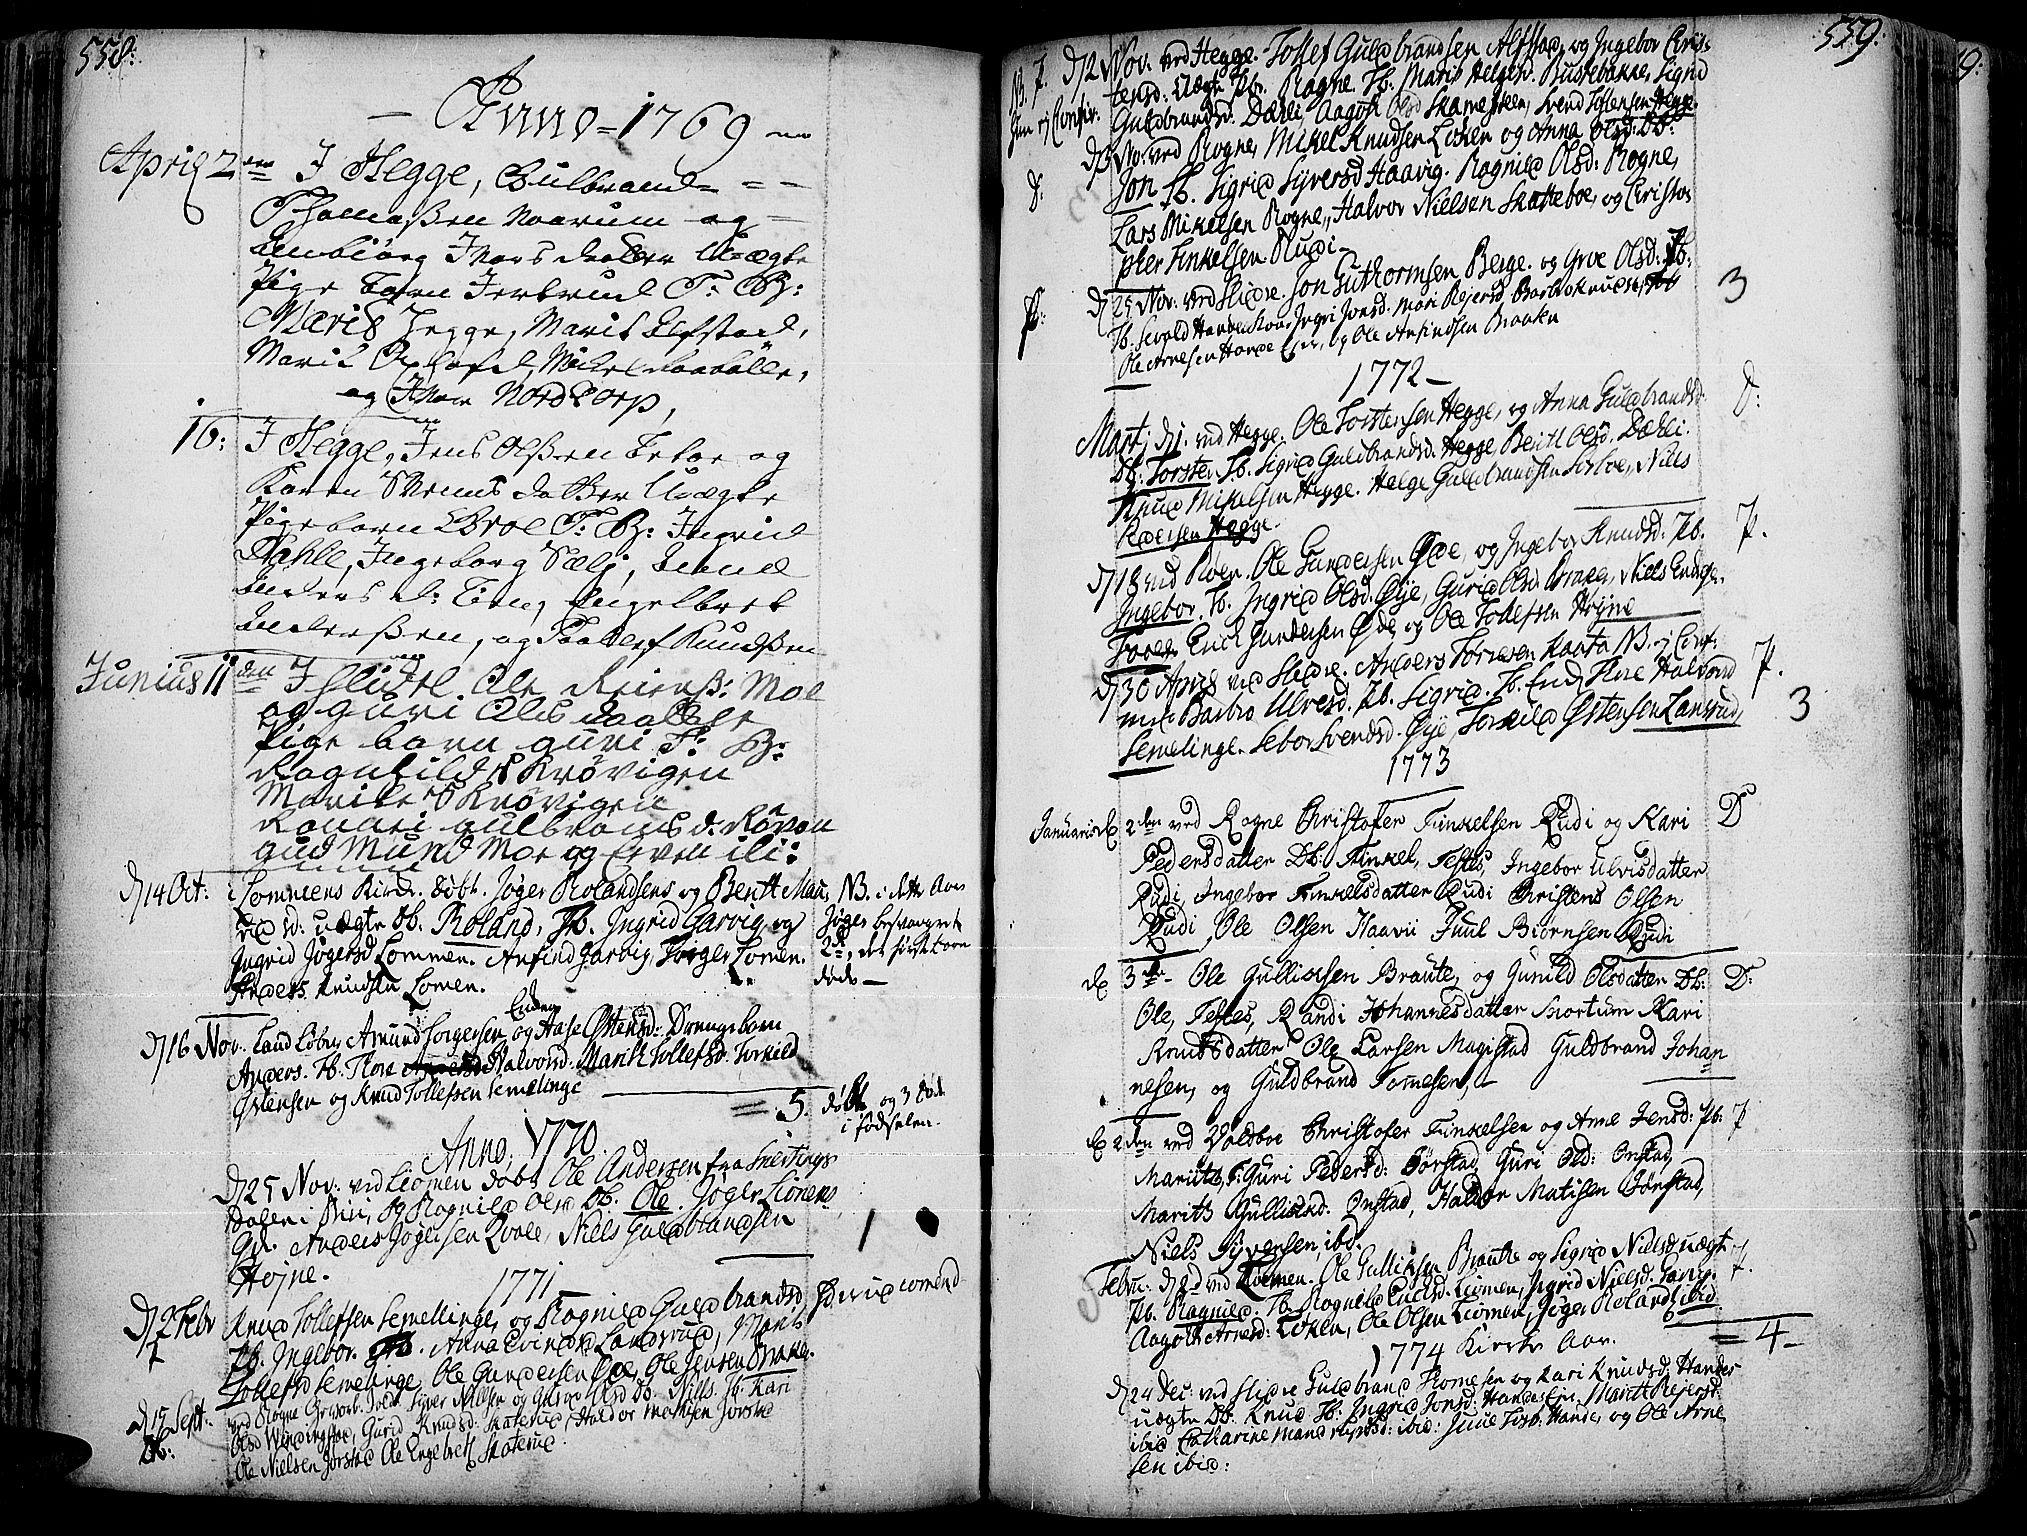 SAH, Slidre prestekontor, Ministerialbok nr. 1, 1724-1814, s. 558-559